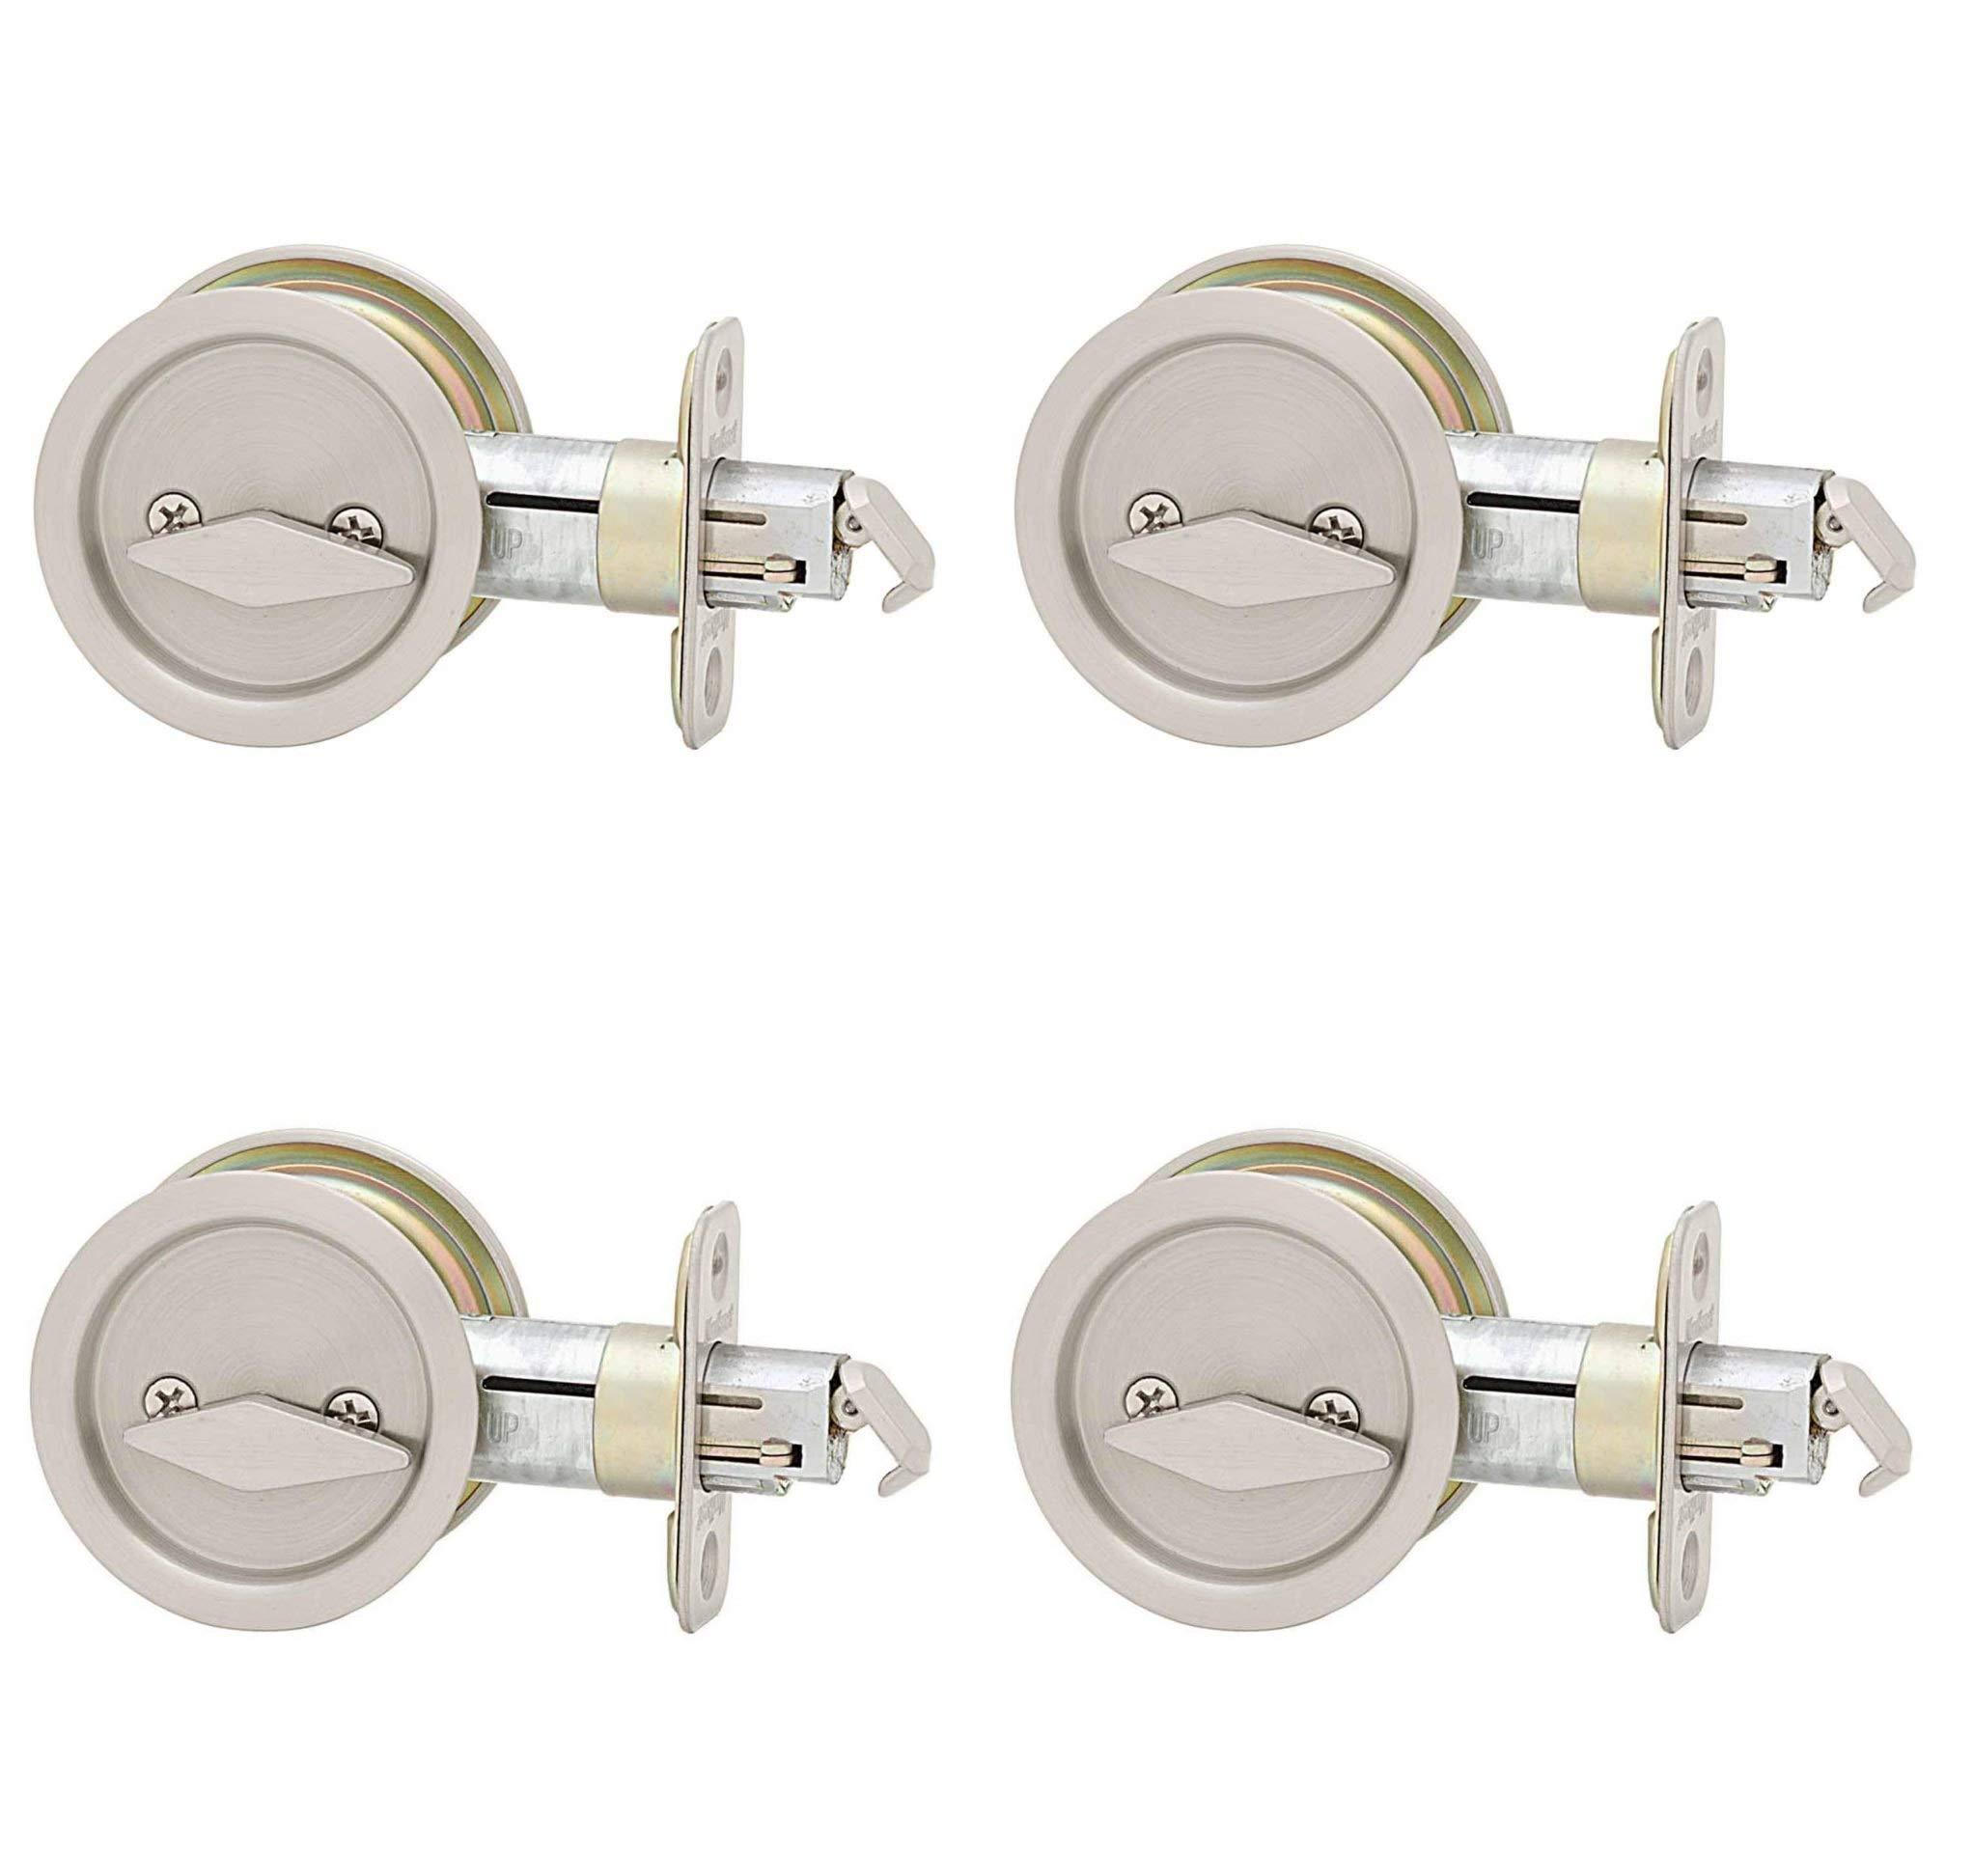 Kwikset 335 Round Bed/Bath Pocket Door Lock in Satin Nickel (Pack of 4)